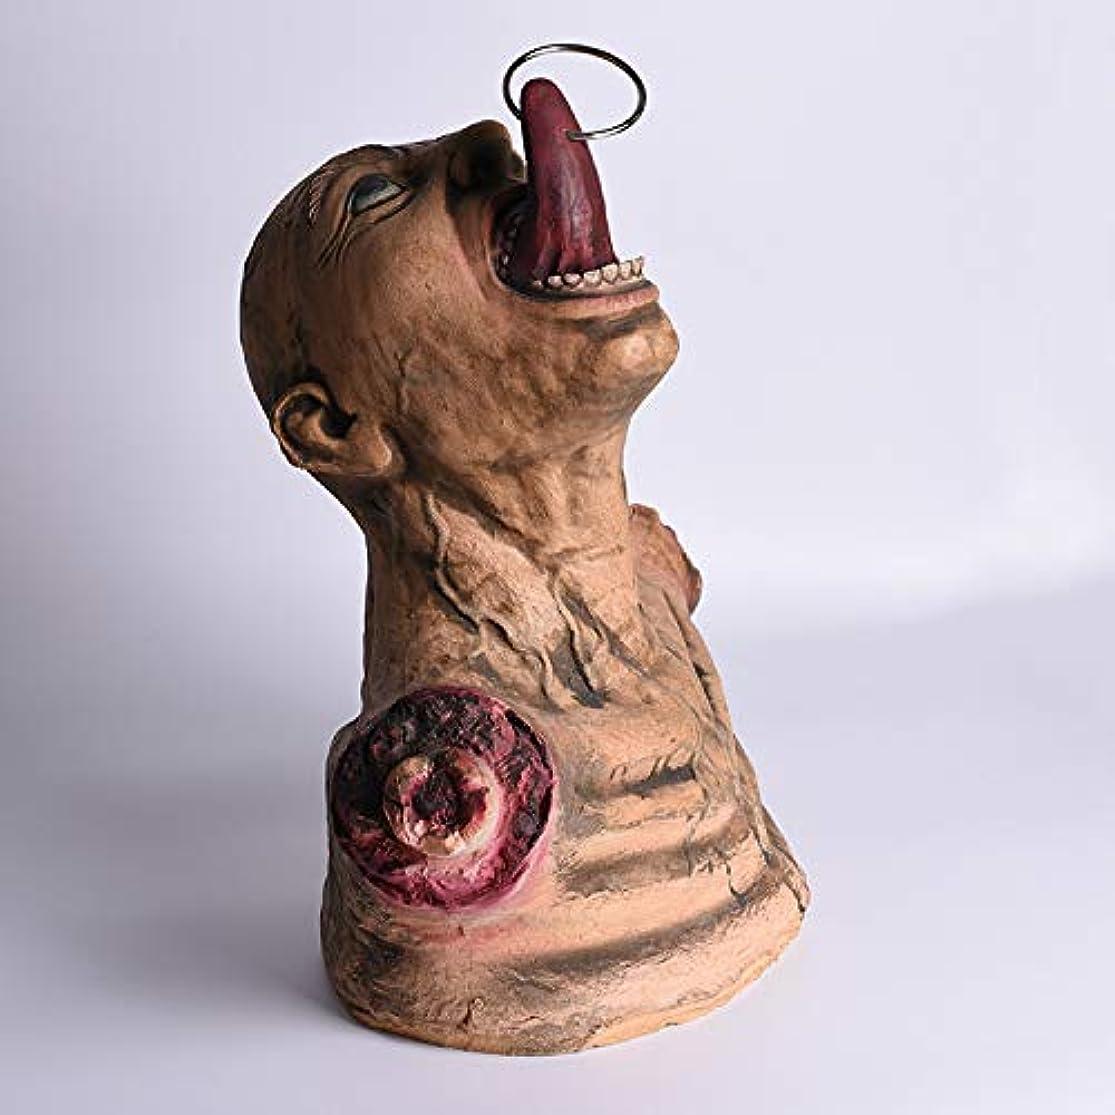 盗賊稼ぐマイルETRRUU HOME ハロウィーンお化けハウスルームエスケープ怖い小道具恐怖壊れた手ぶら下げ幽霊死体全身ゾンビ装飾